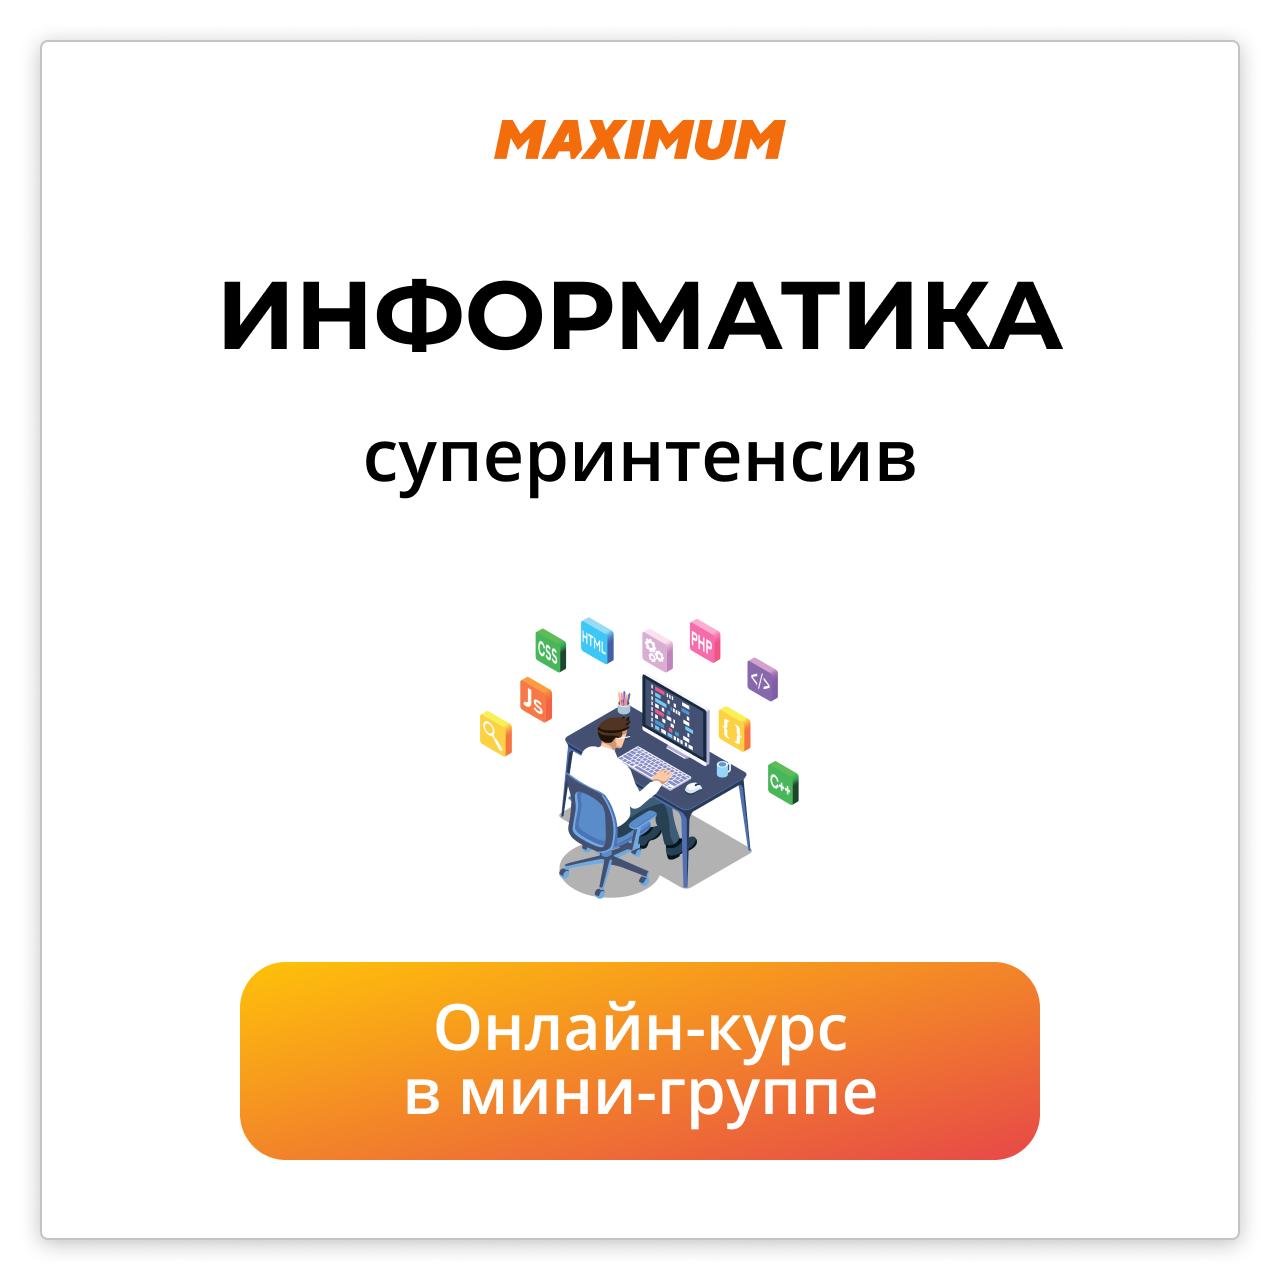 Информатика ЕГЭ Мини-группа